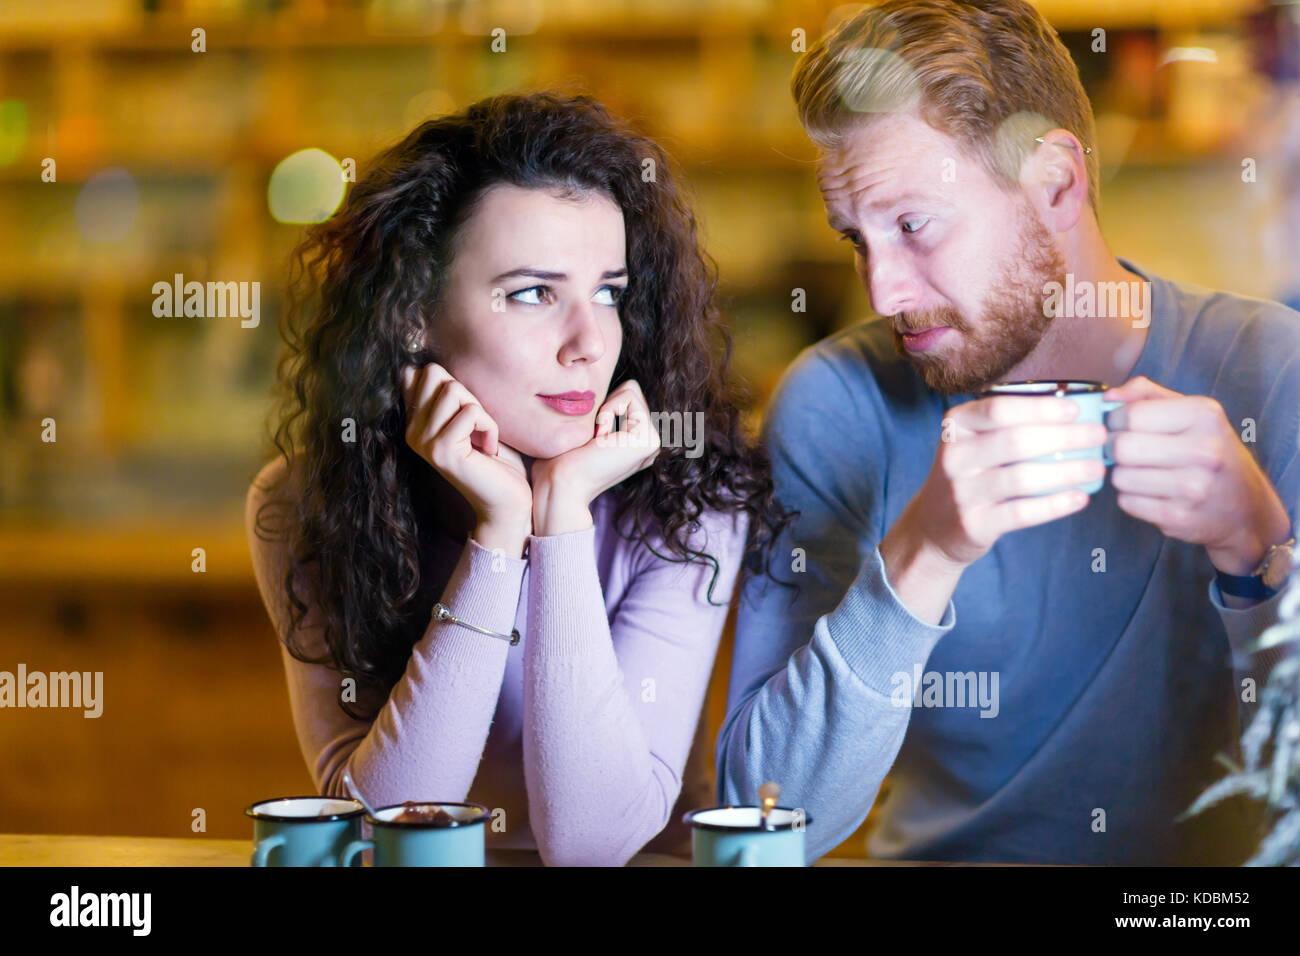 Jeune beau couple rencontre des problèmes sur la date Photo Stock